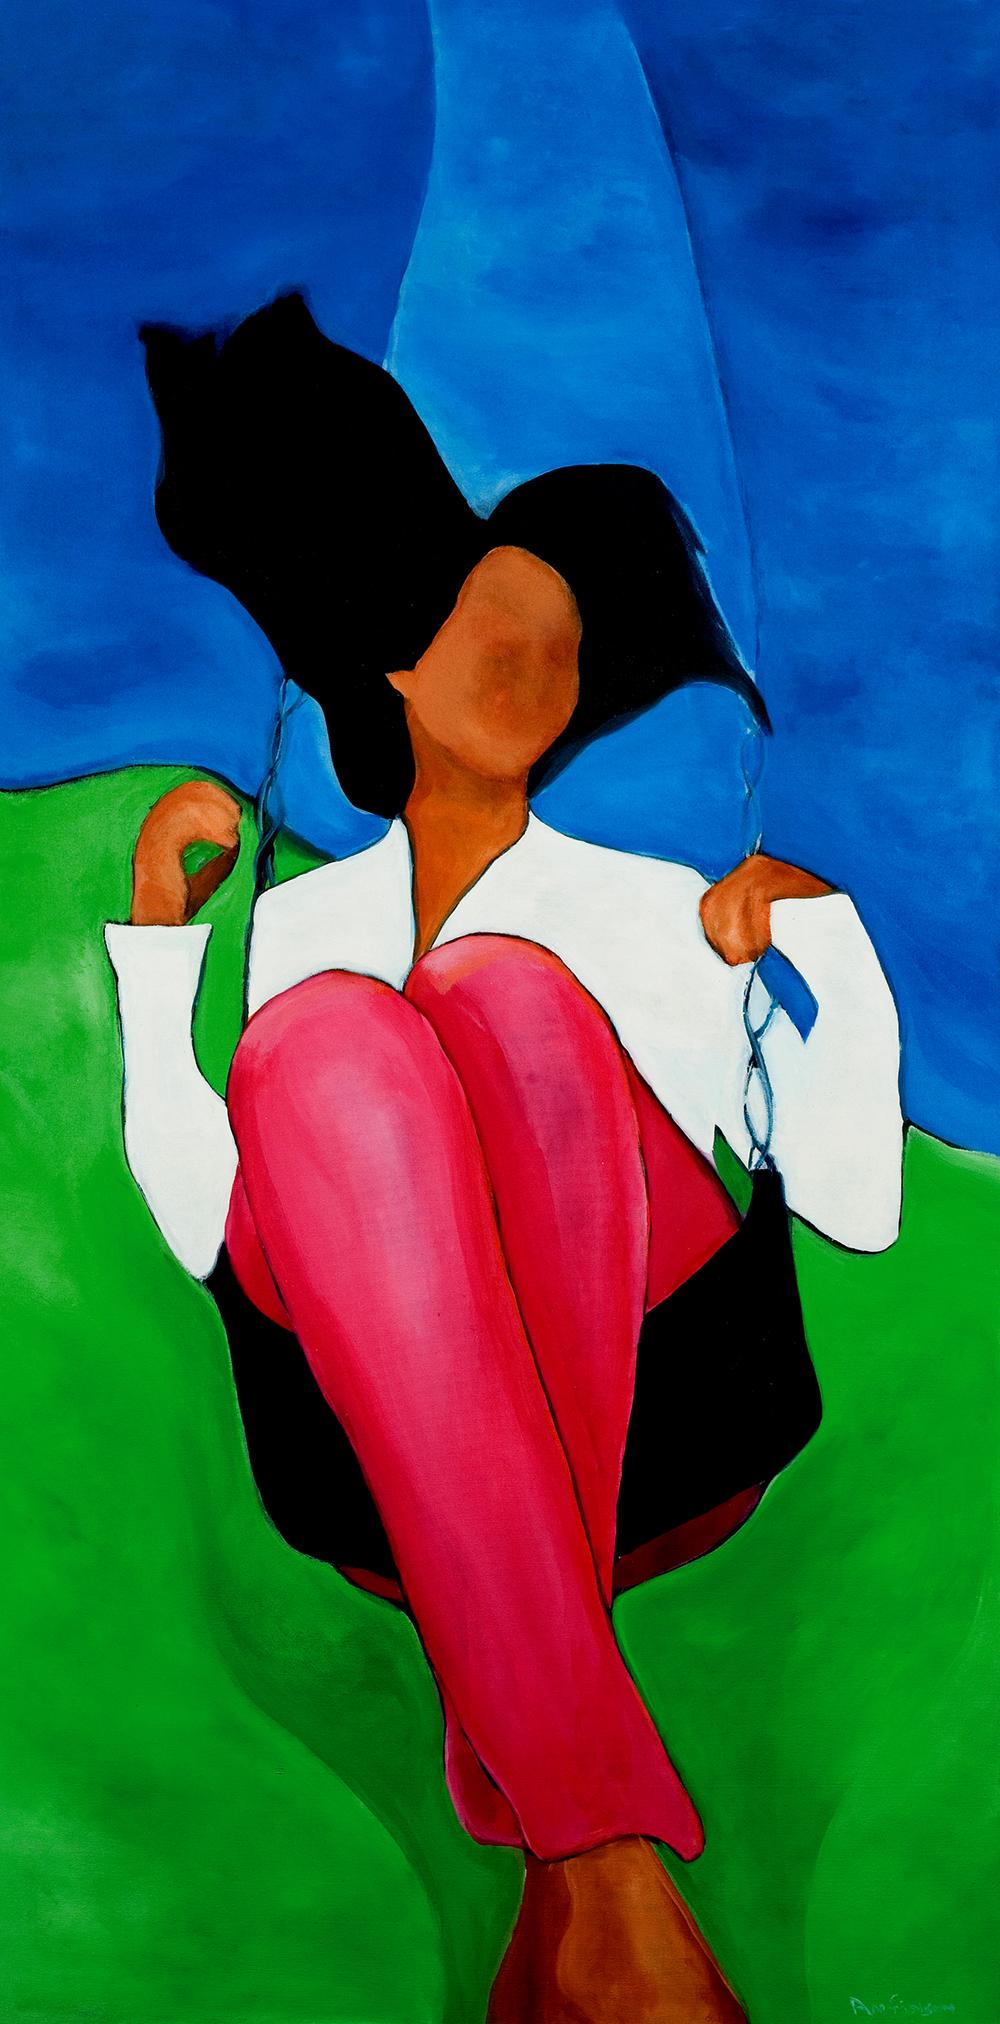 My Monica Dream2005 -